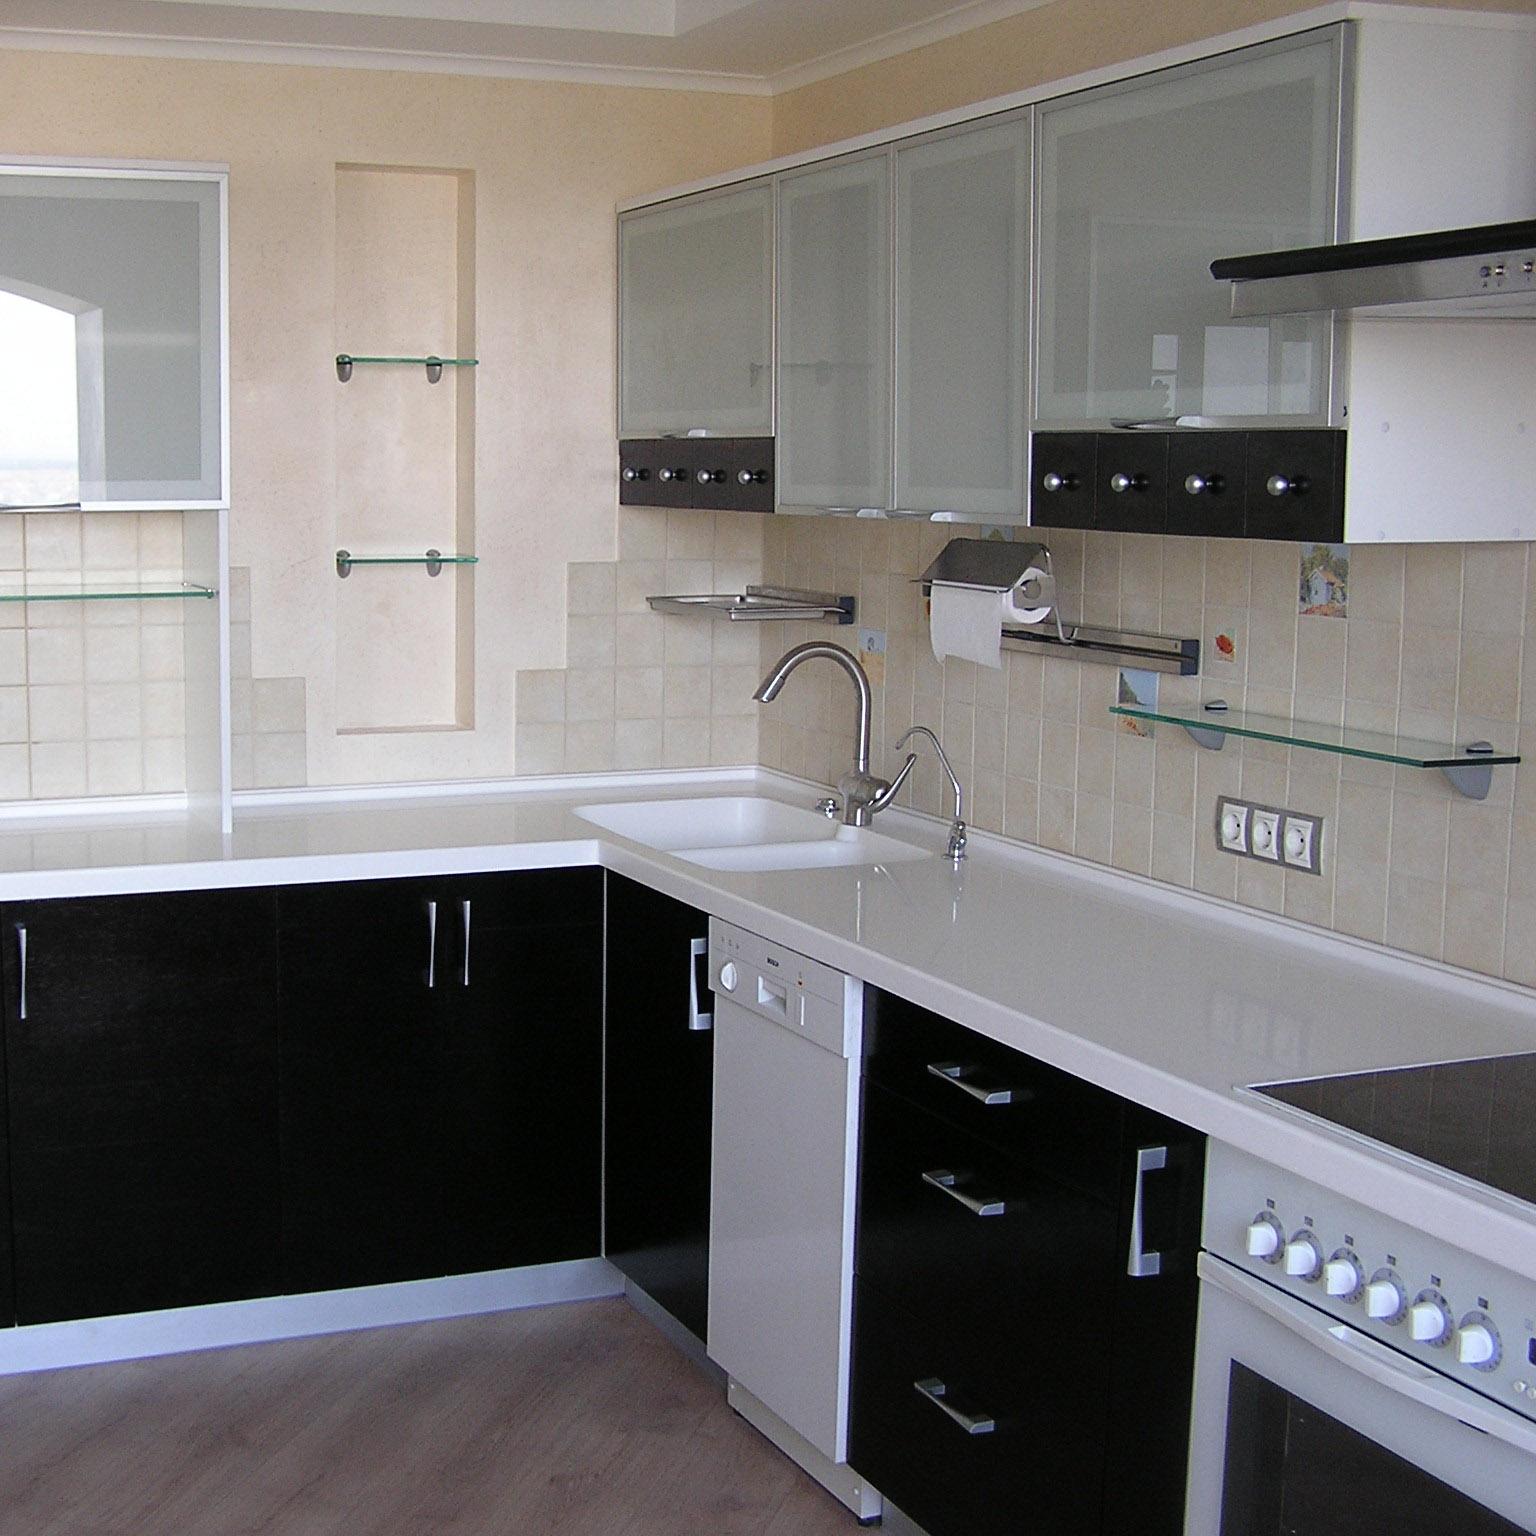 Ремонт кухни угловой фото